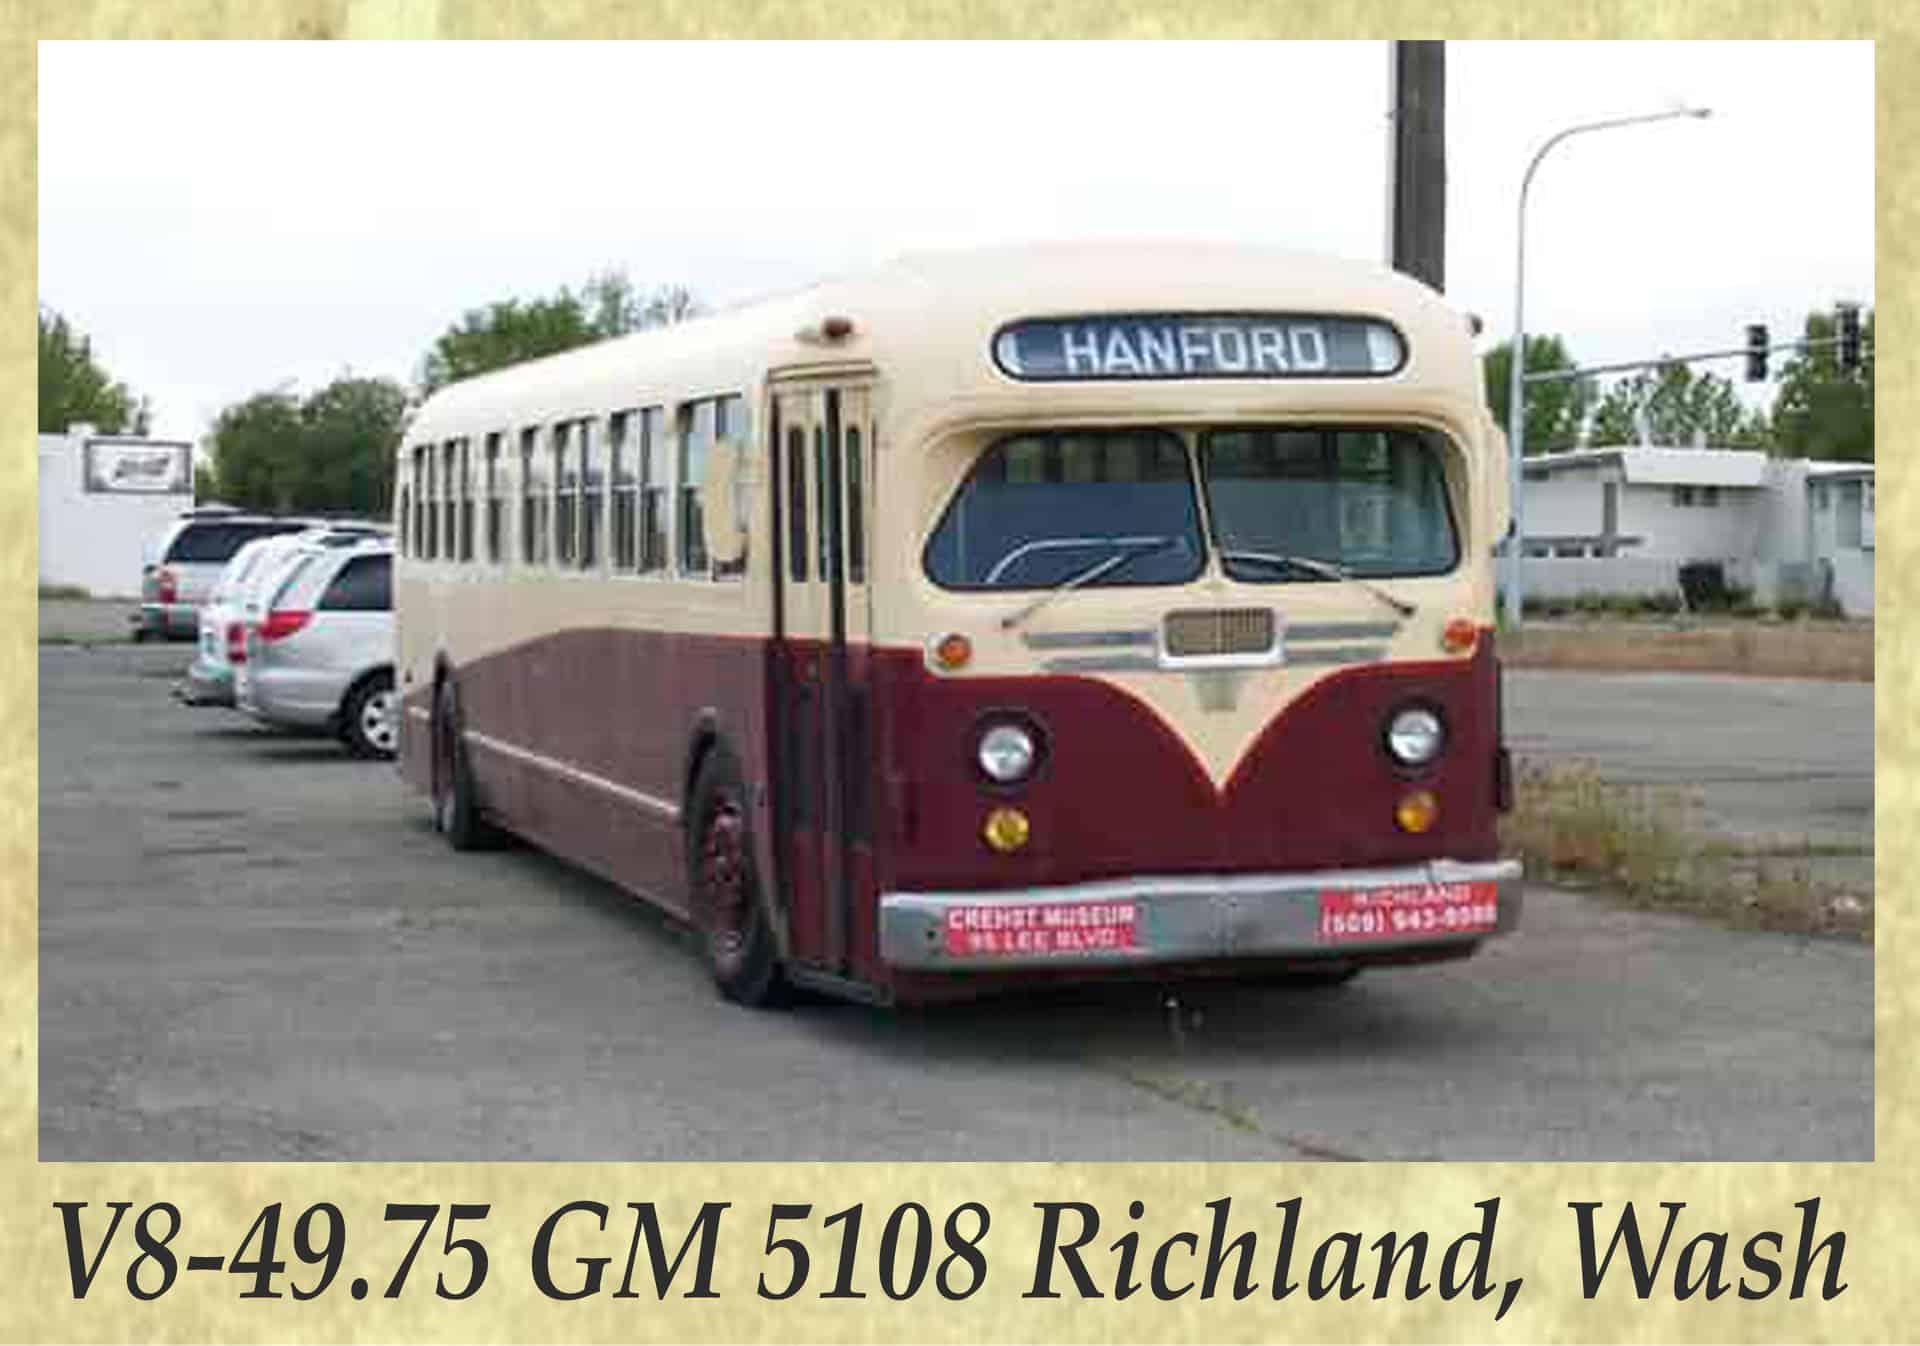 V8-49.75 GM 5108 Richland, Wash